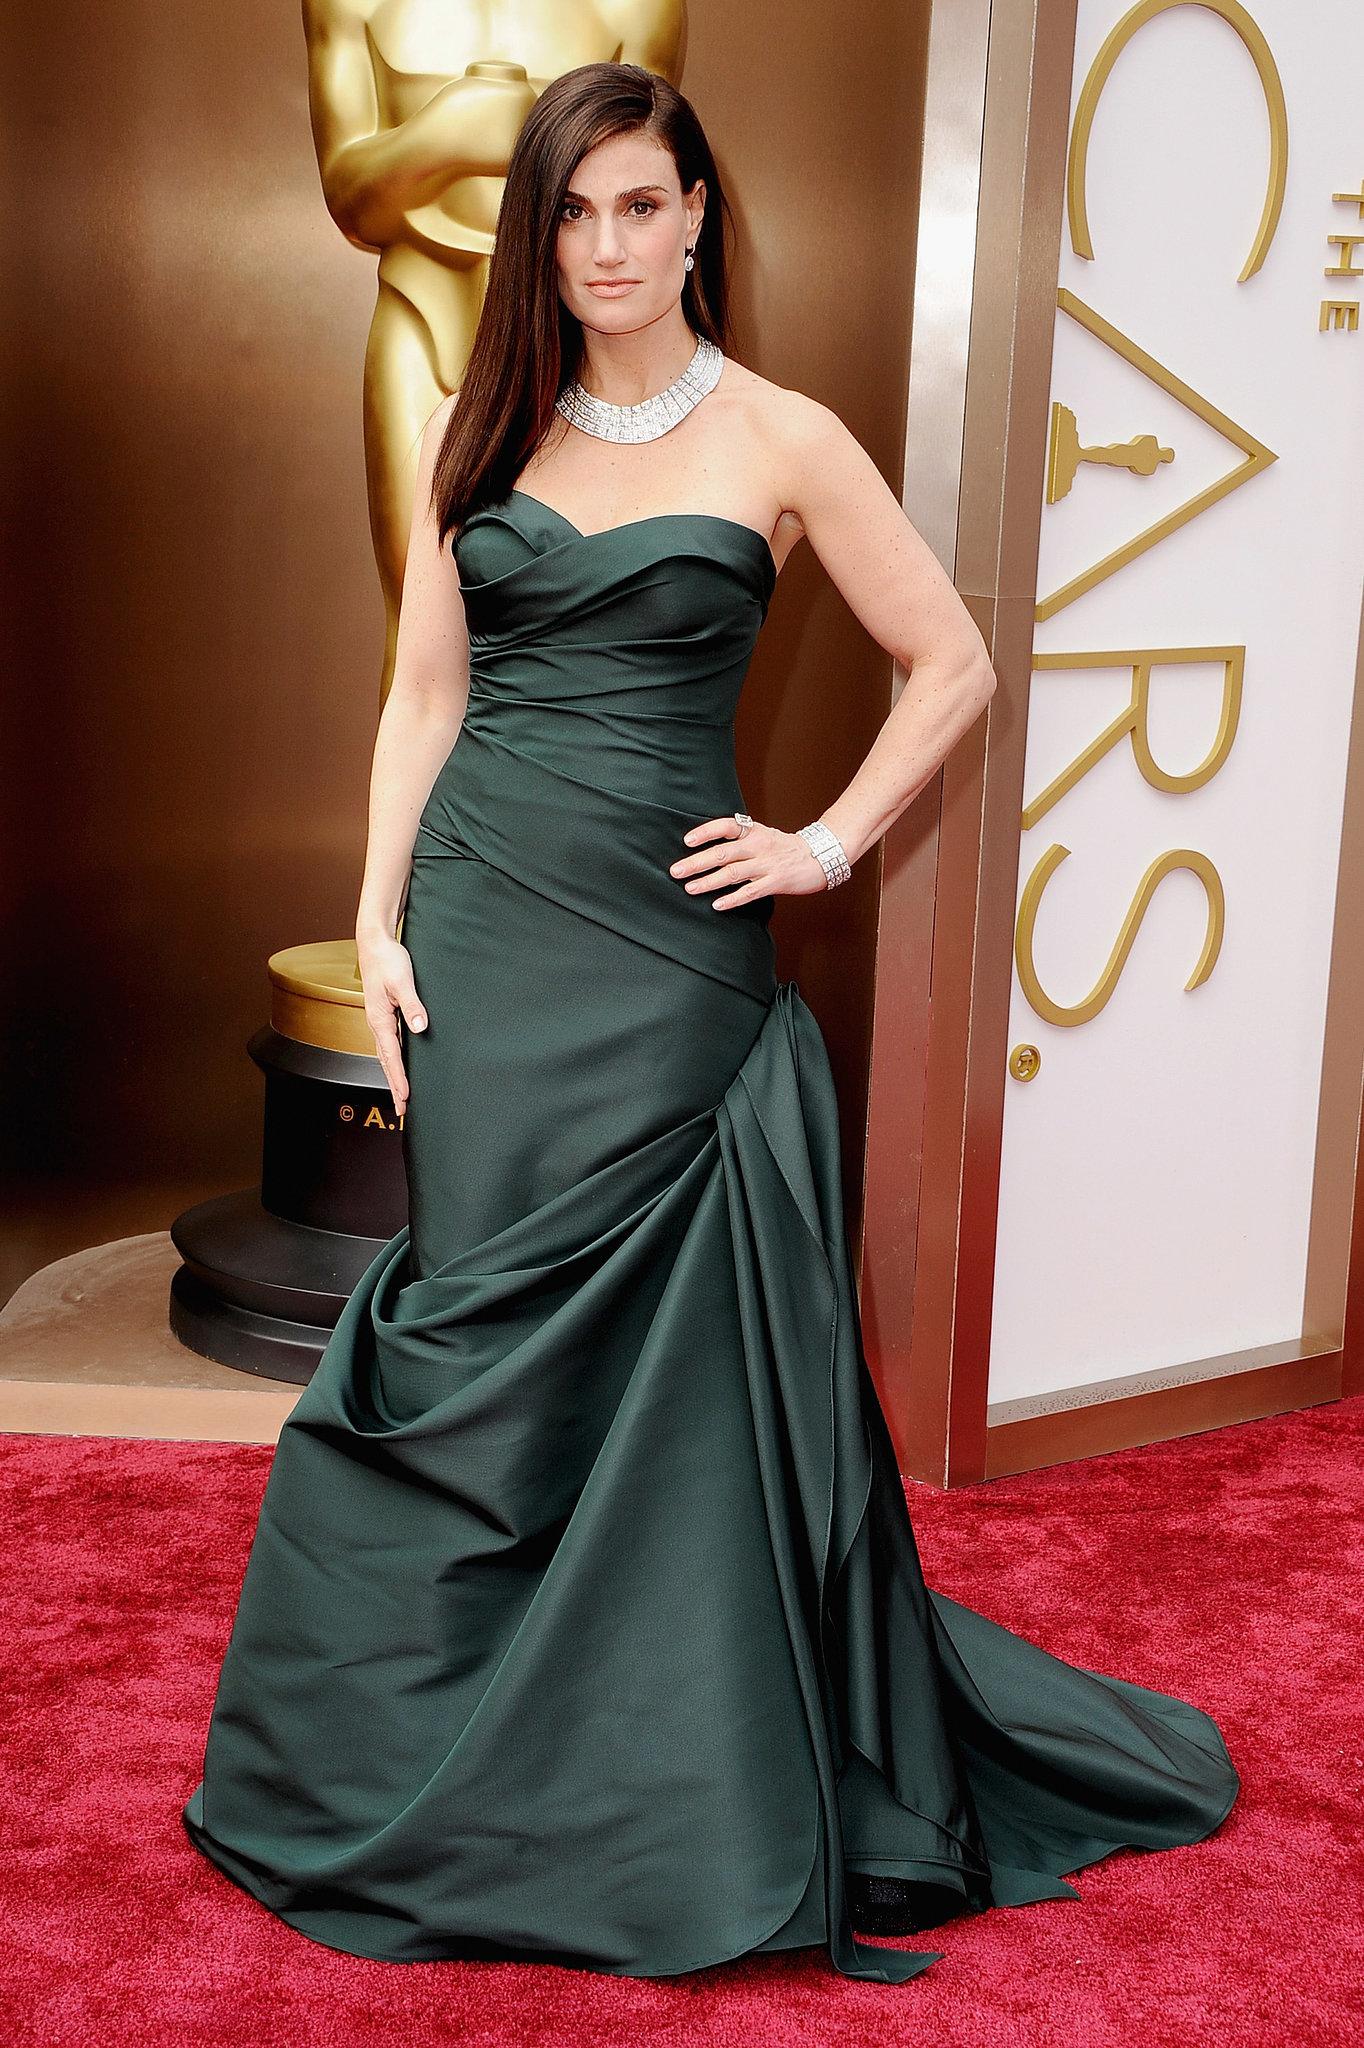 Idina Menzel at the 2014 Oscars